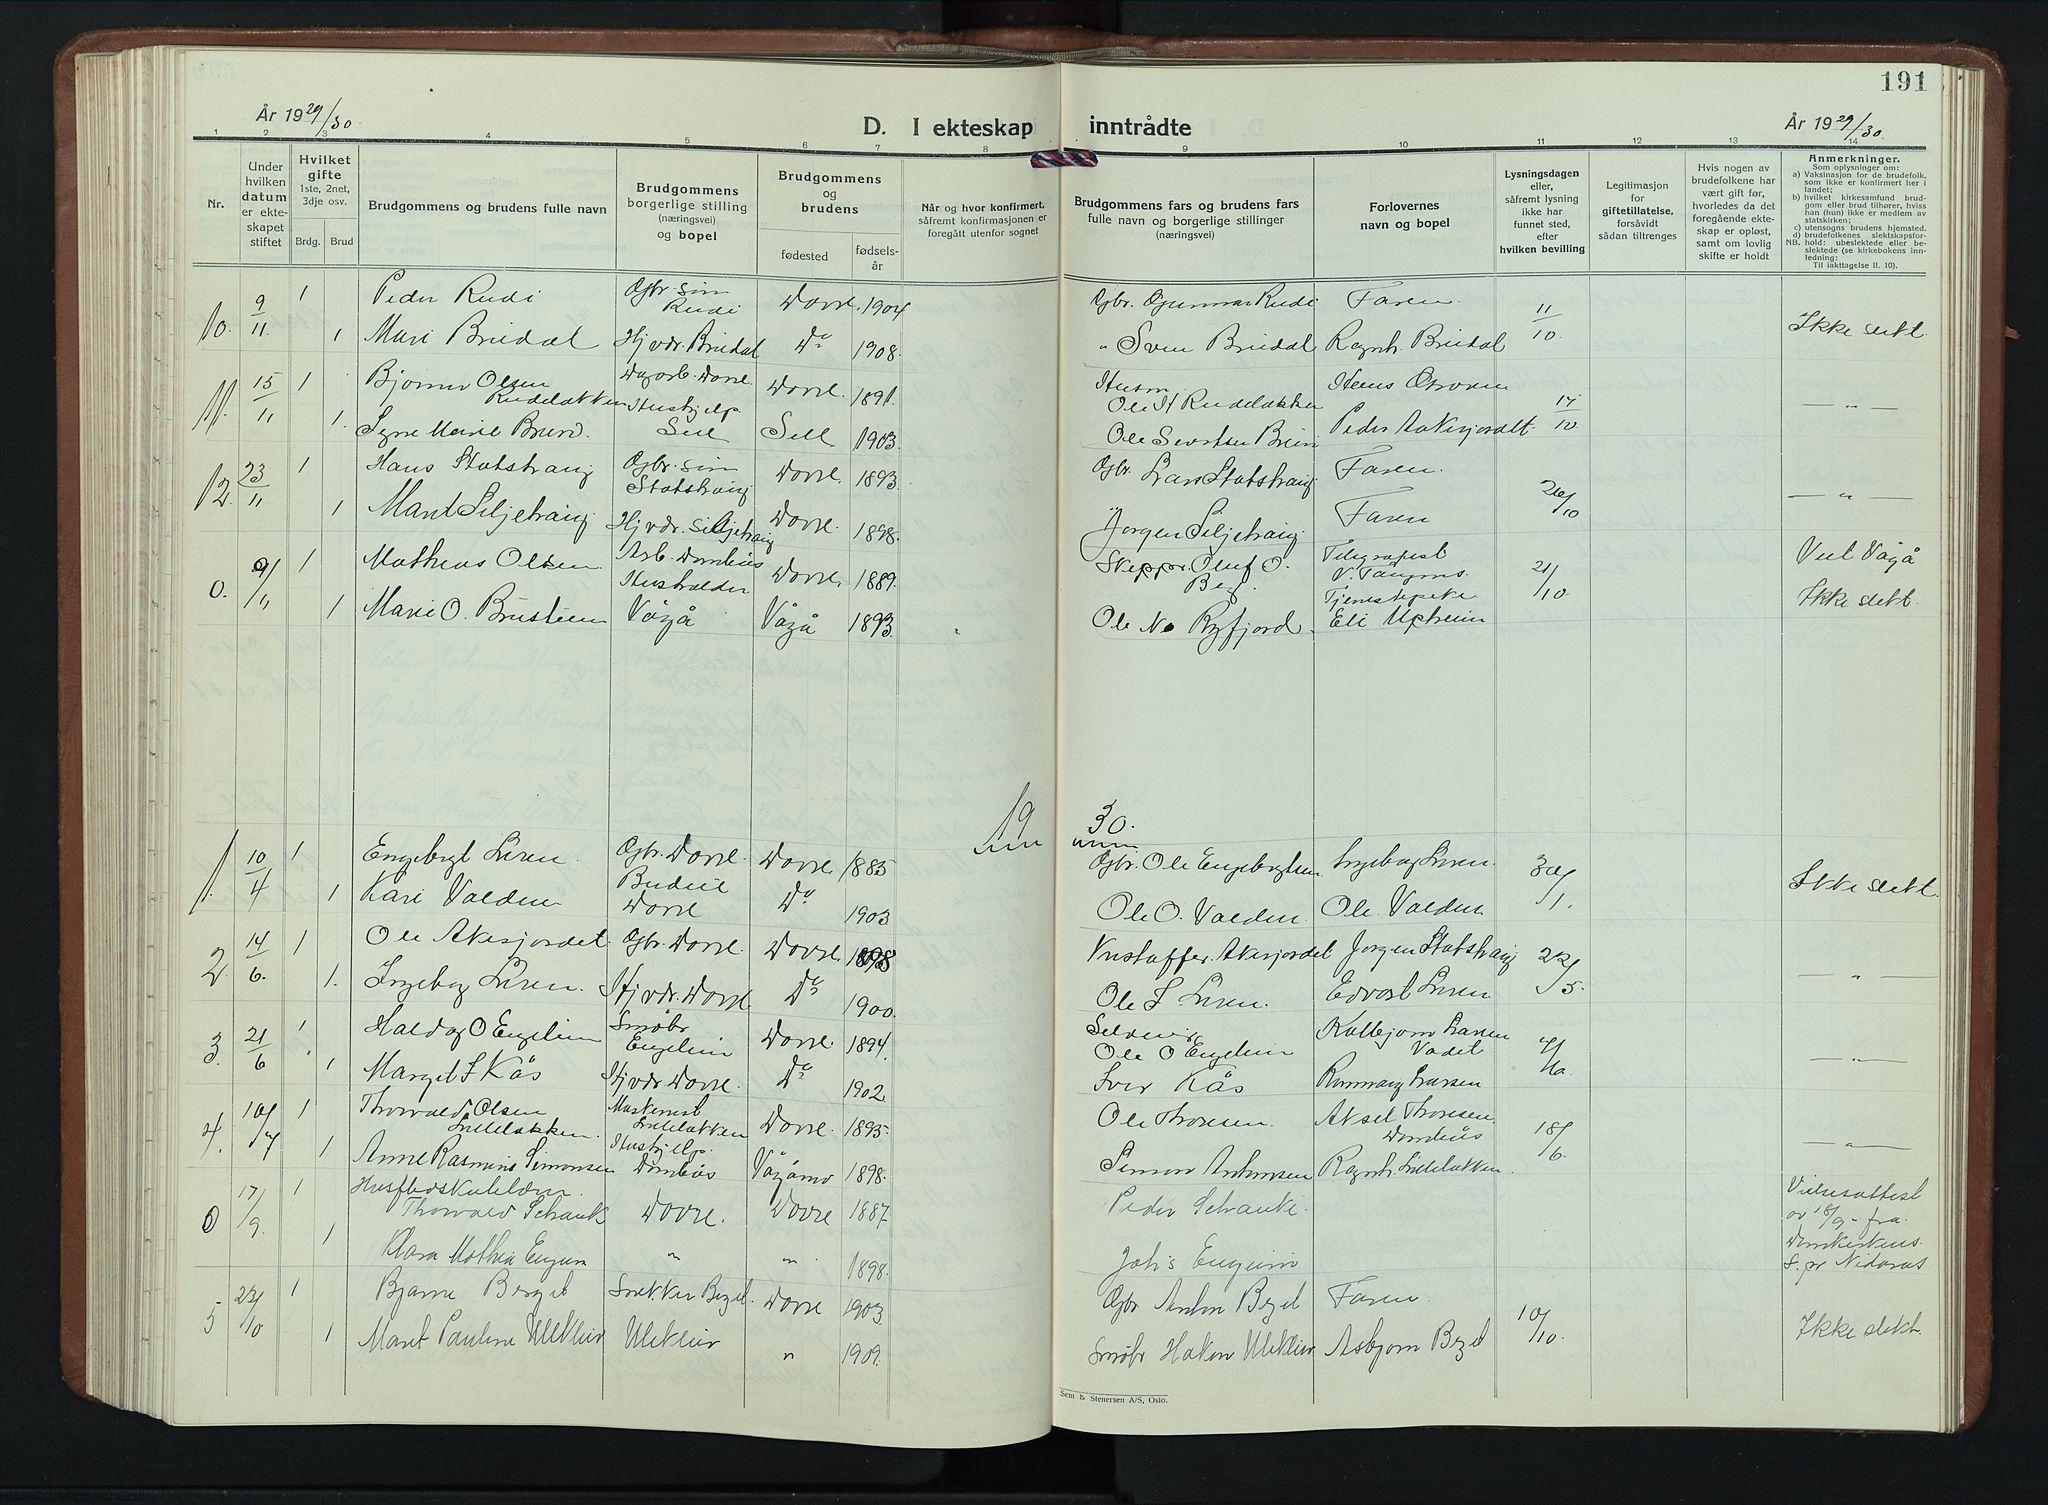 SAH, Dovre prestekontor, Klokkerbok nr. 4, 1926-1949, s. 191